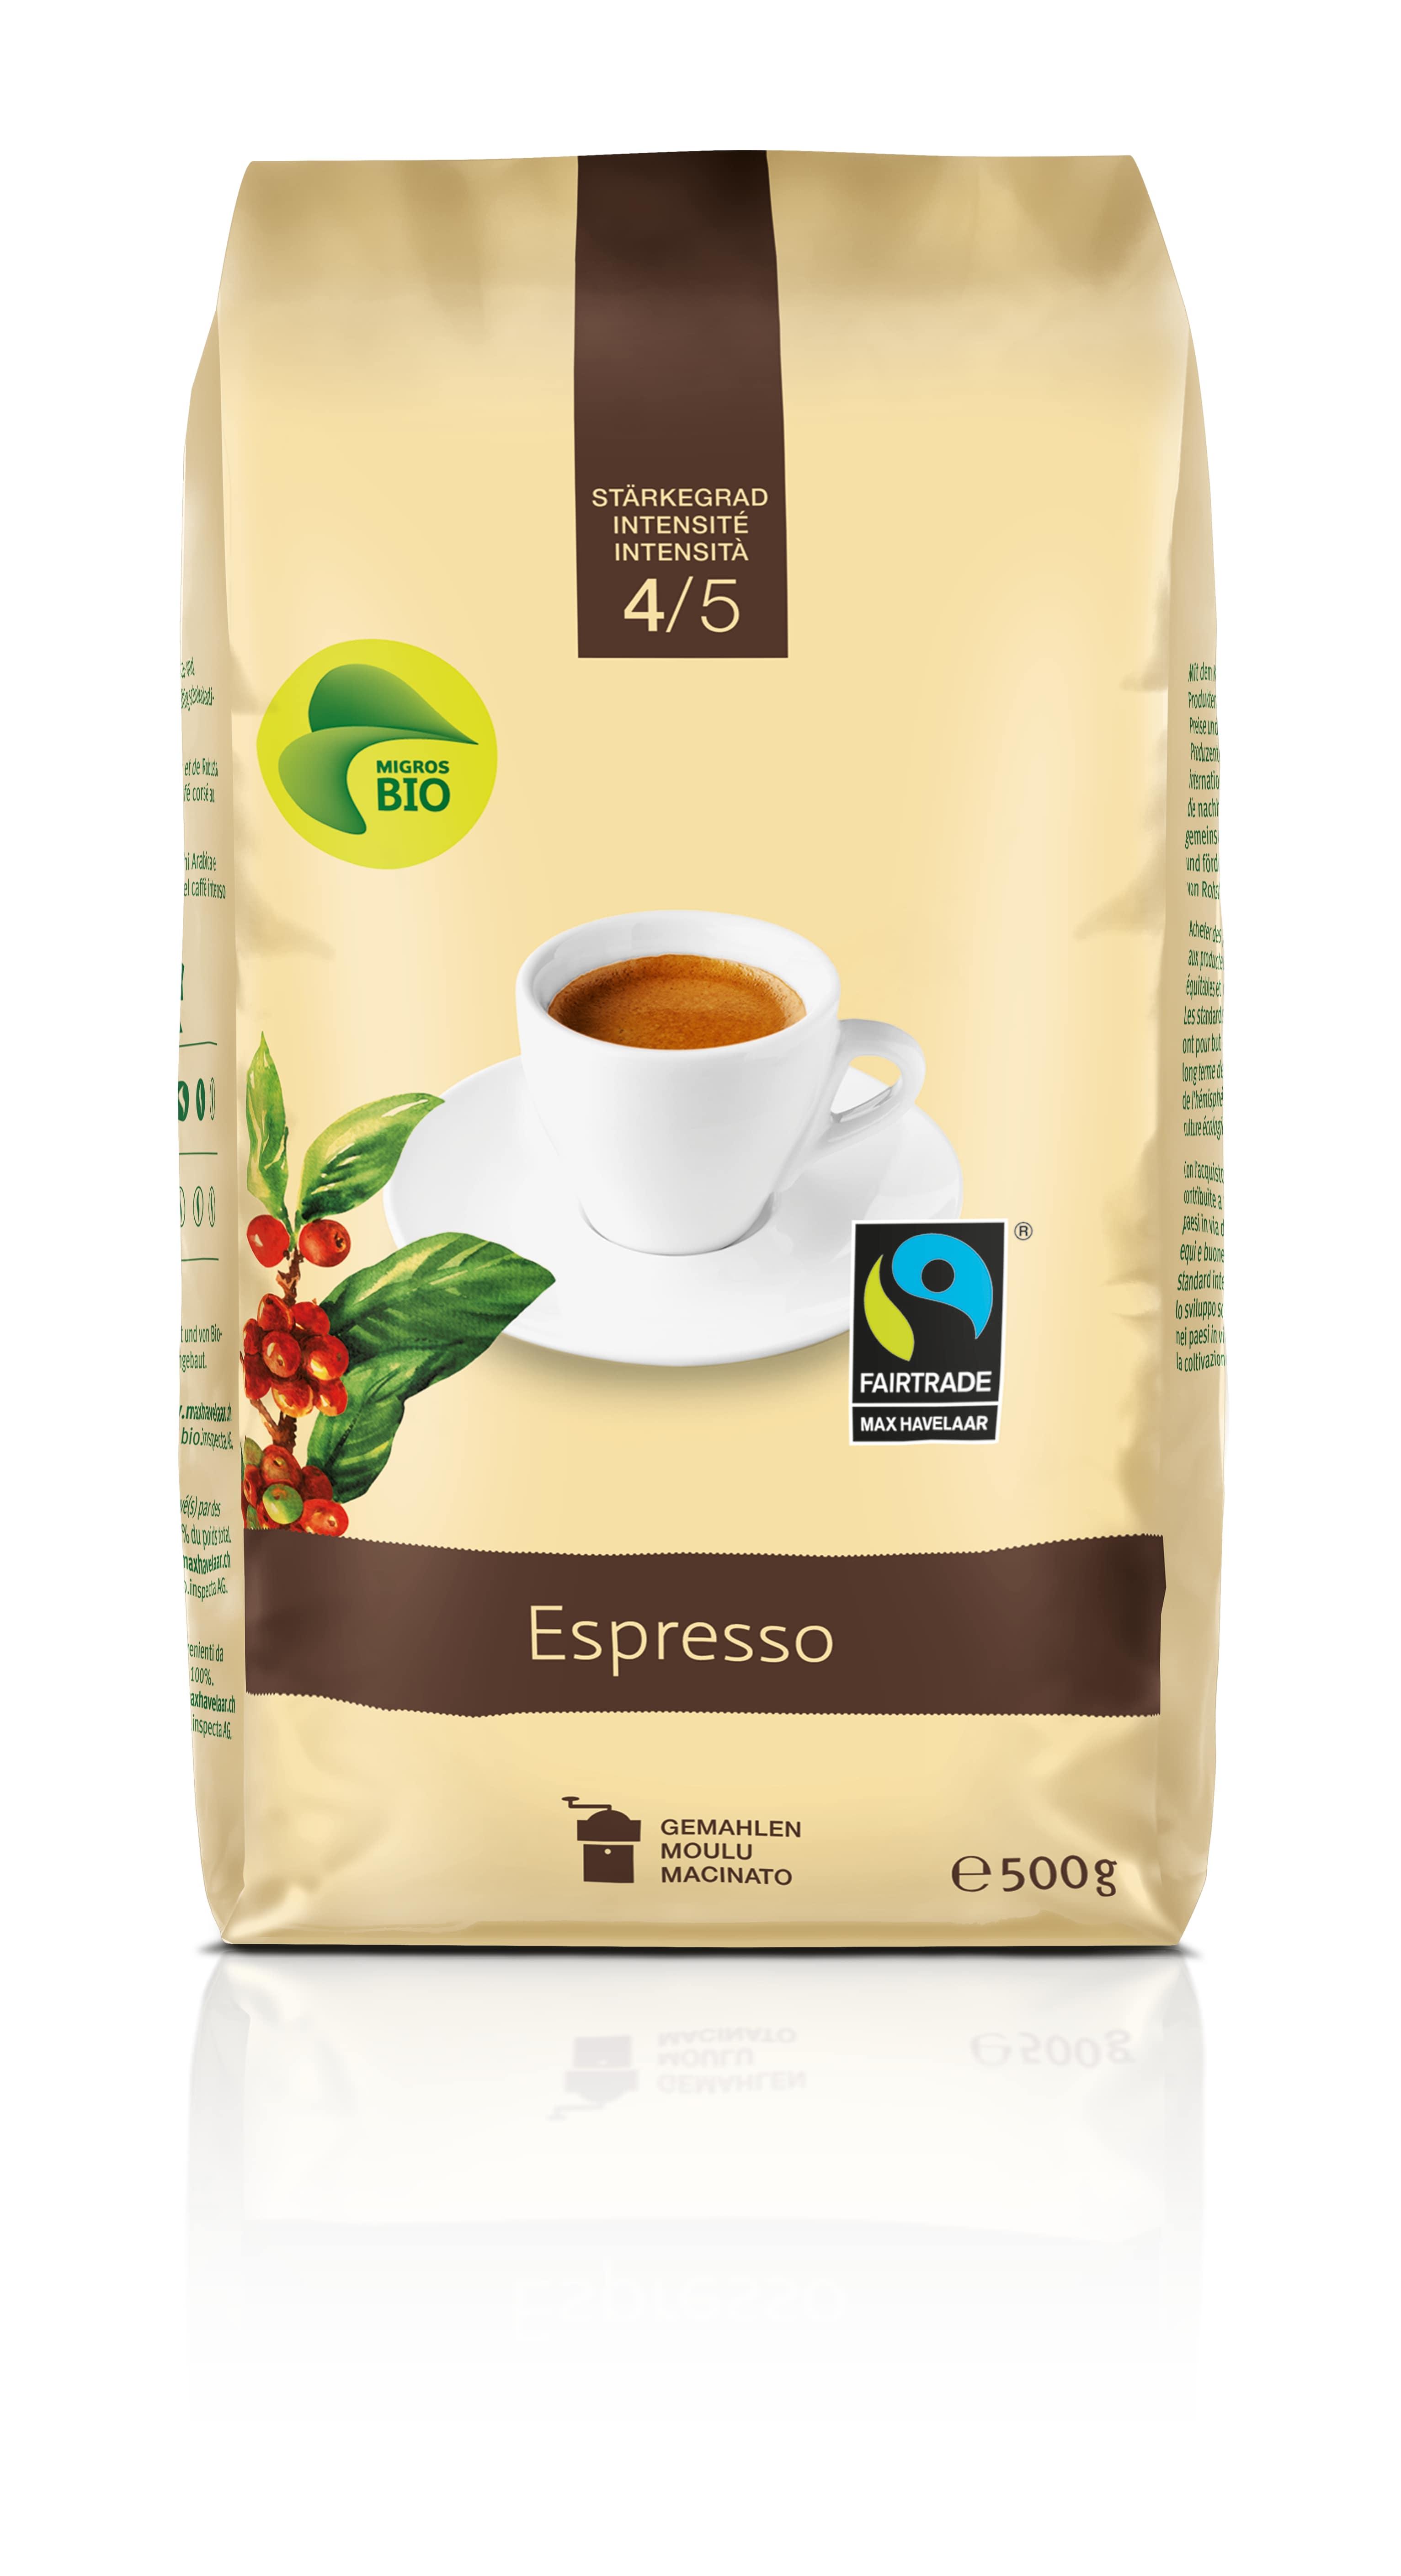 Espresso, gemahlen